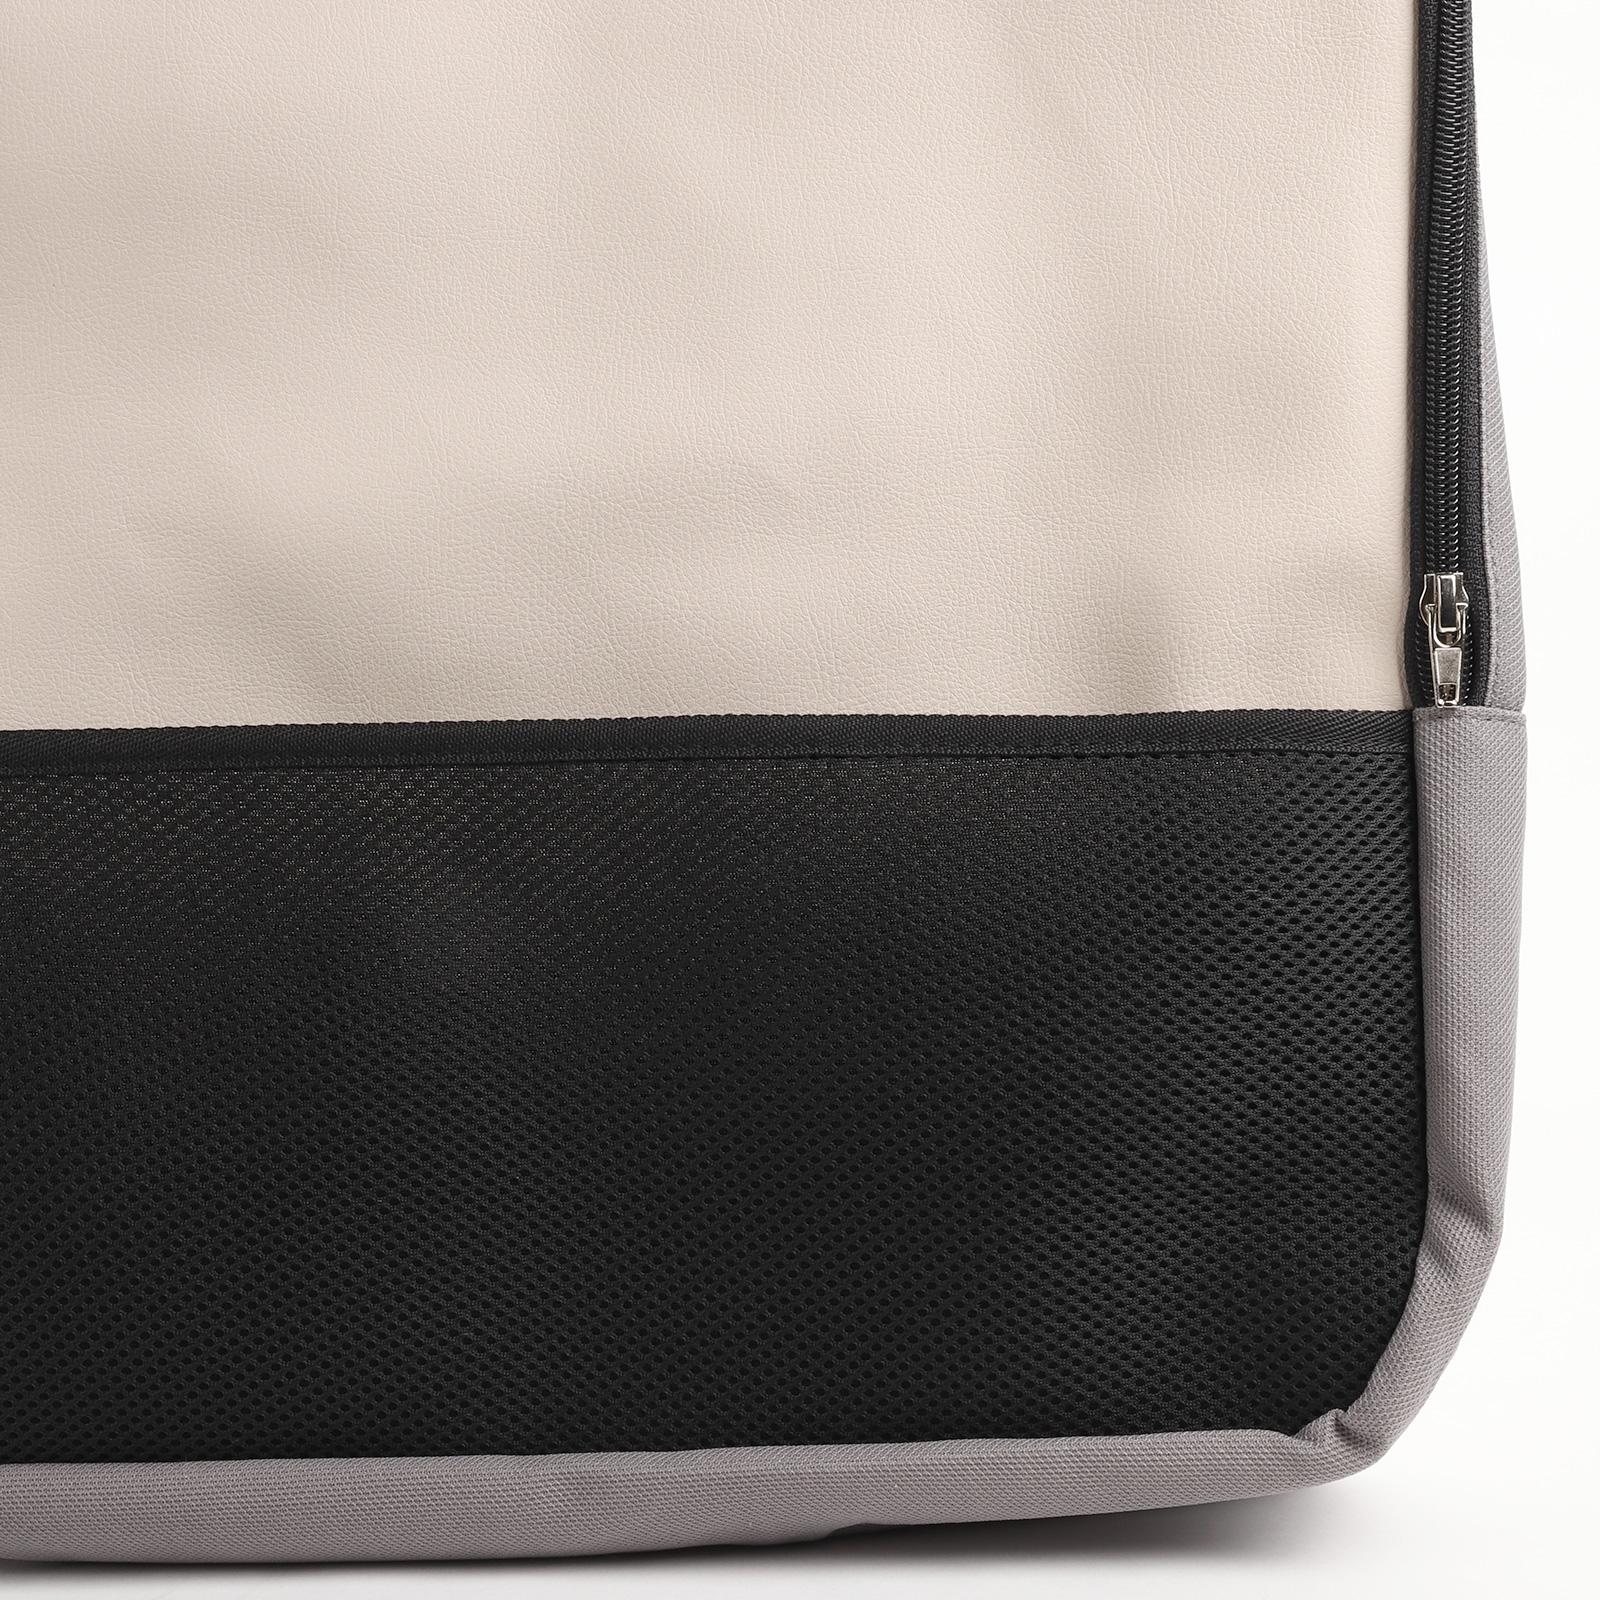 Indexbild 7 -  Fenstertasche Utensilientasche Leinenbeige passend für VW T5 T6 KR links